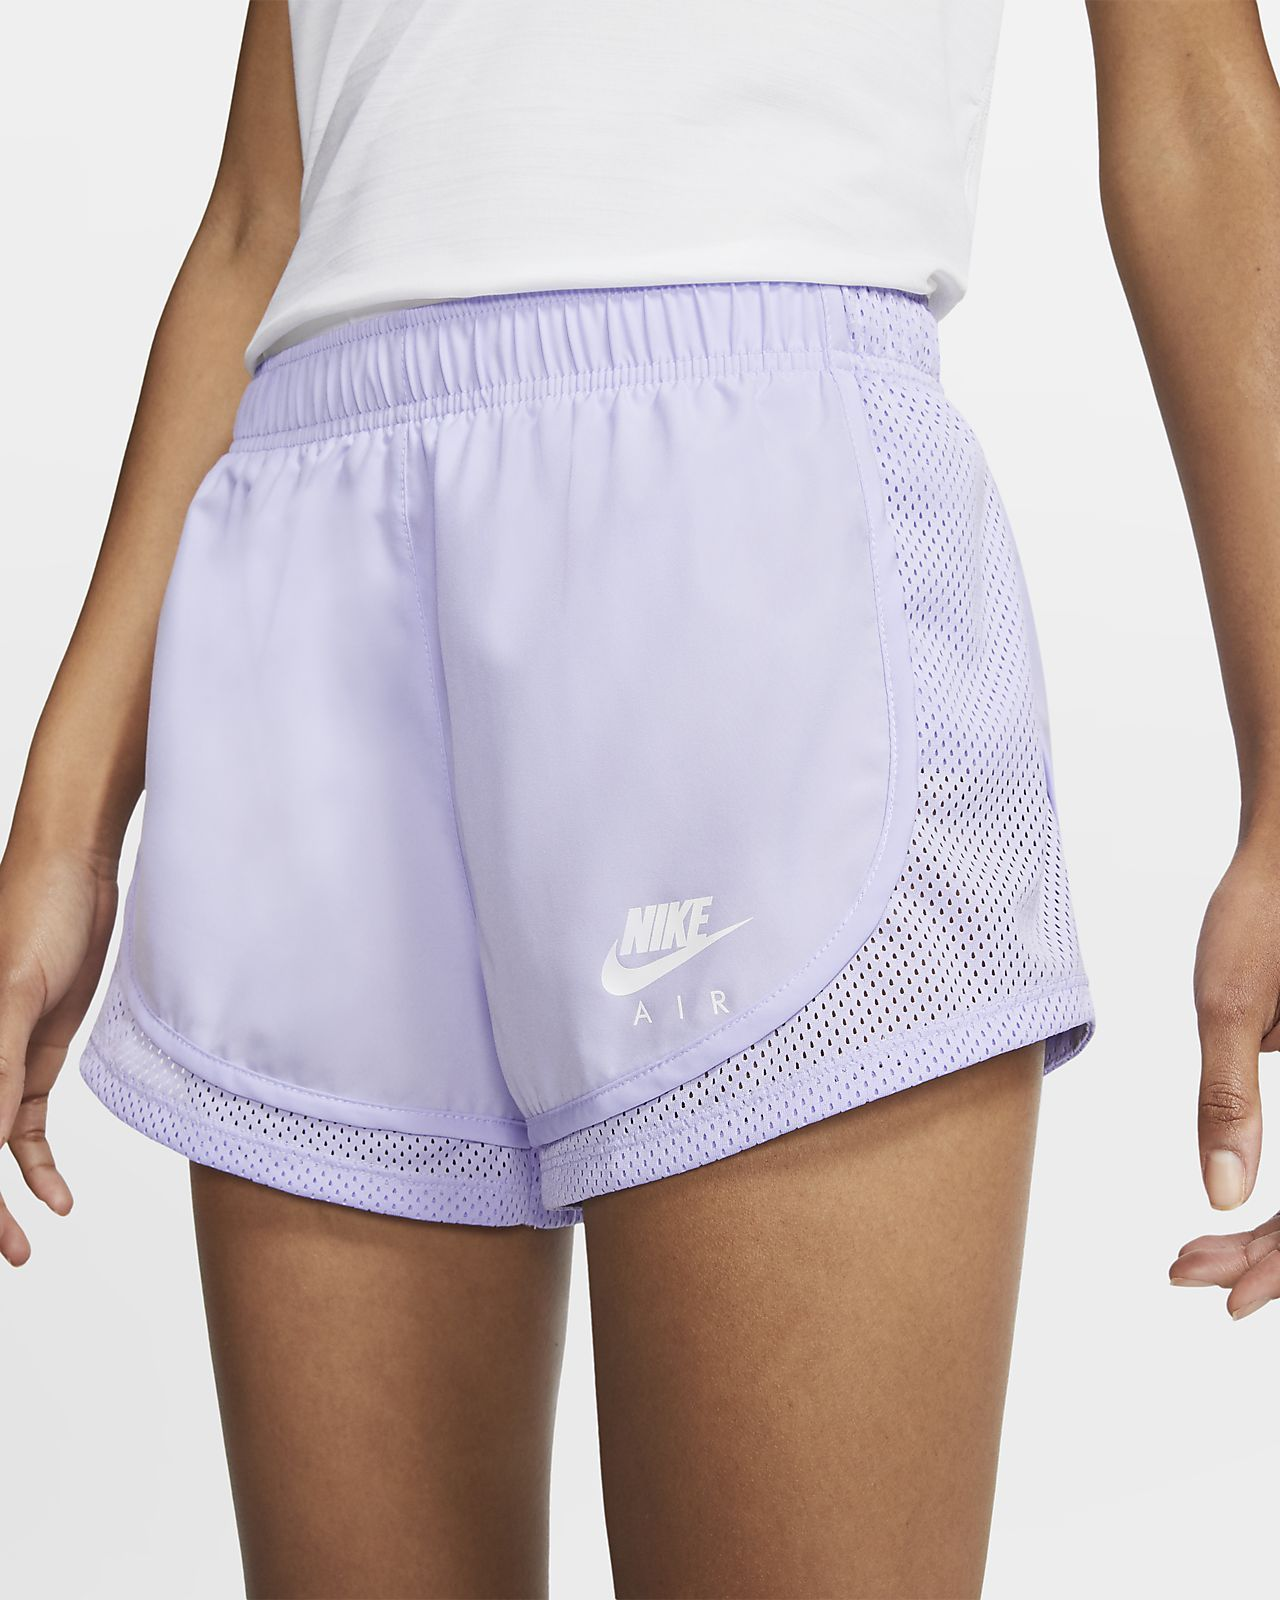 Nike Air Tempo Women's Running Shorts. Running